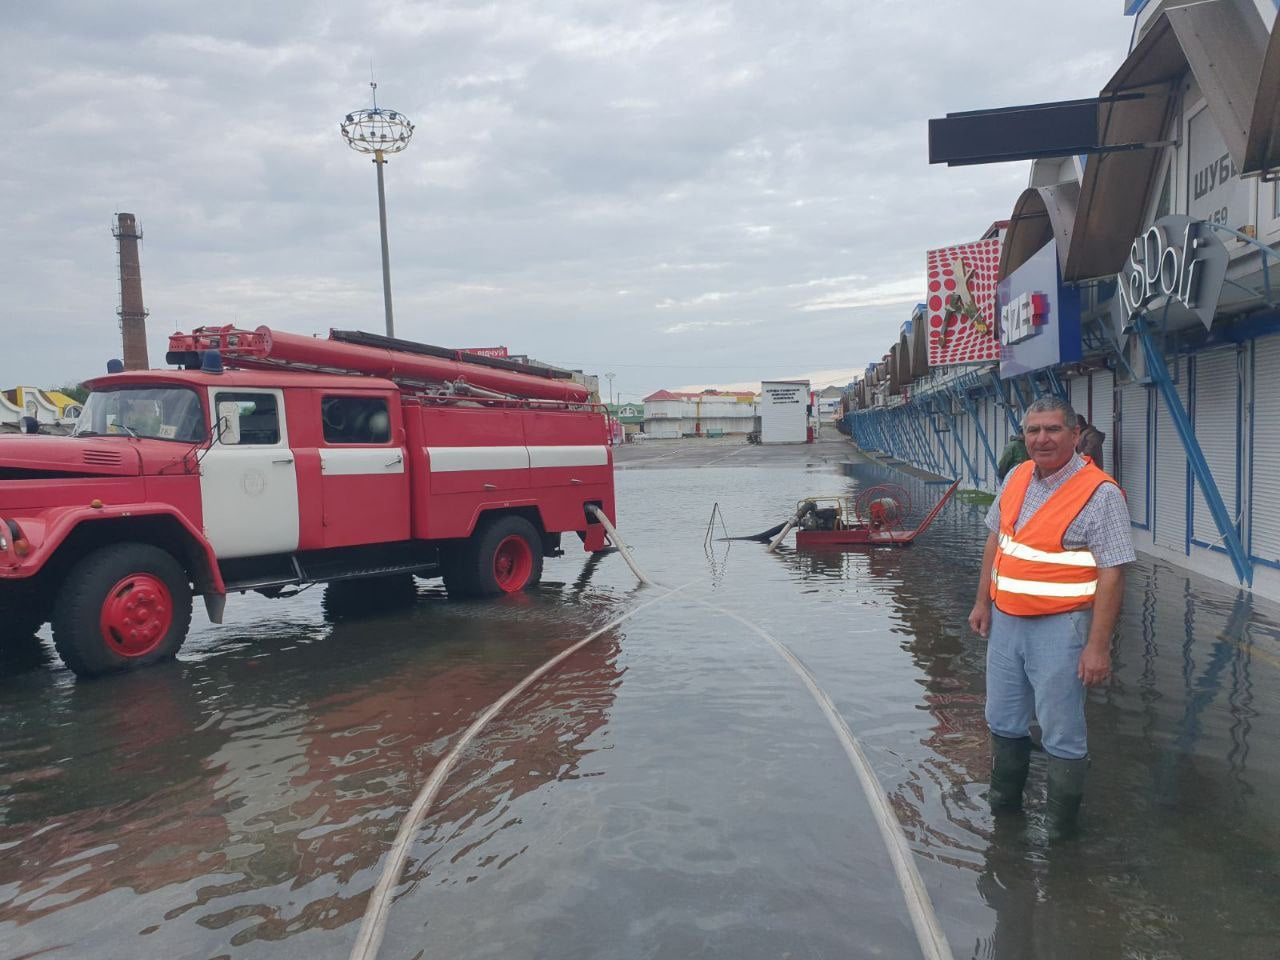 В Одессе ливень наделала беды на рынке «7 километр»: образовалось огромное озеро (фото)